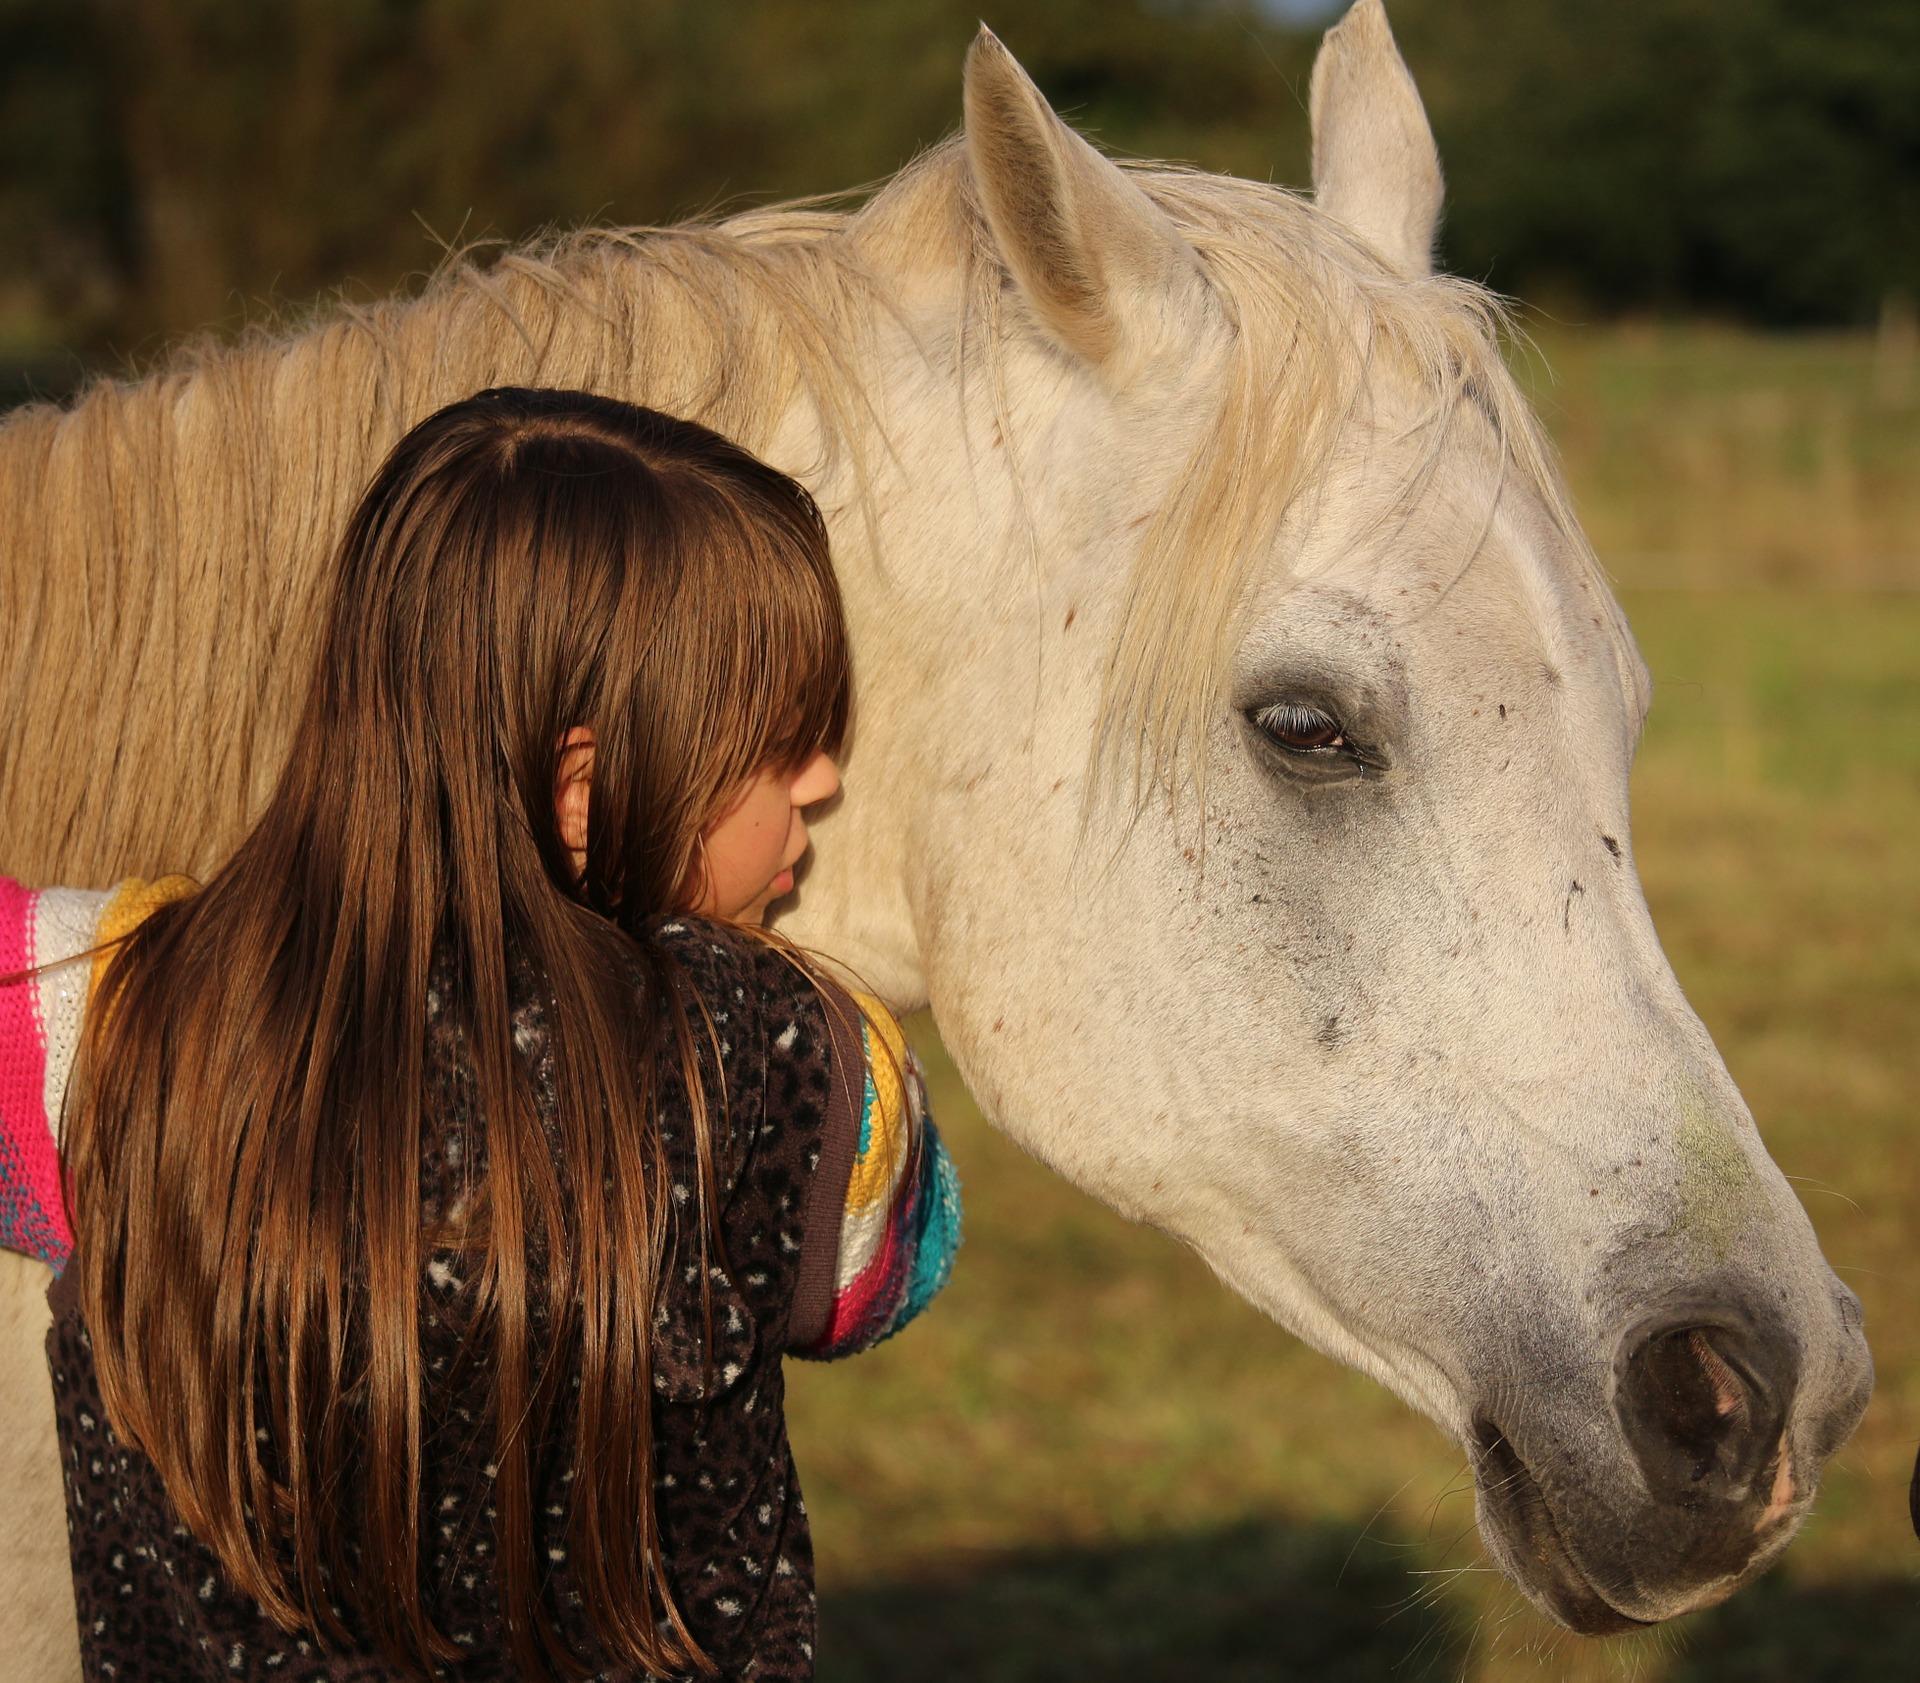 spoznavanje konj